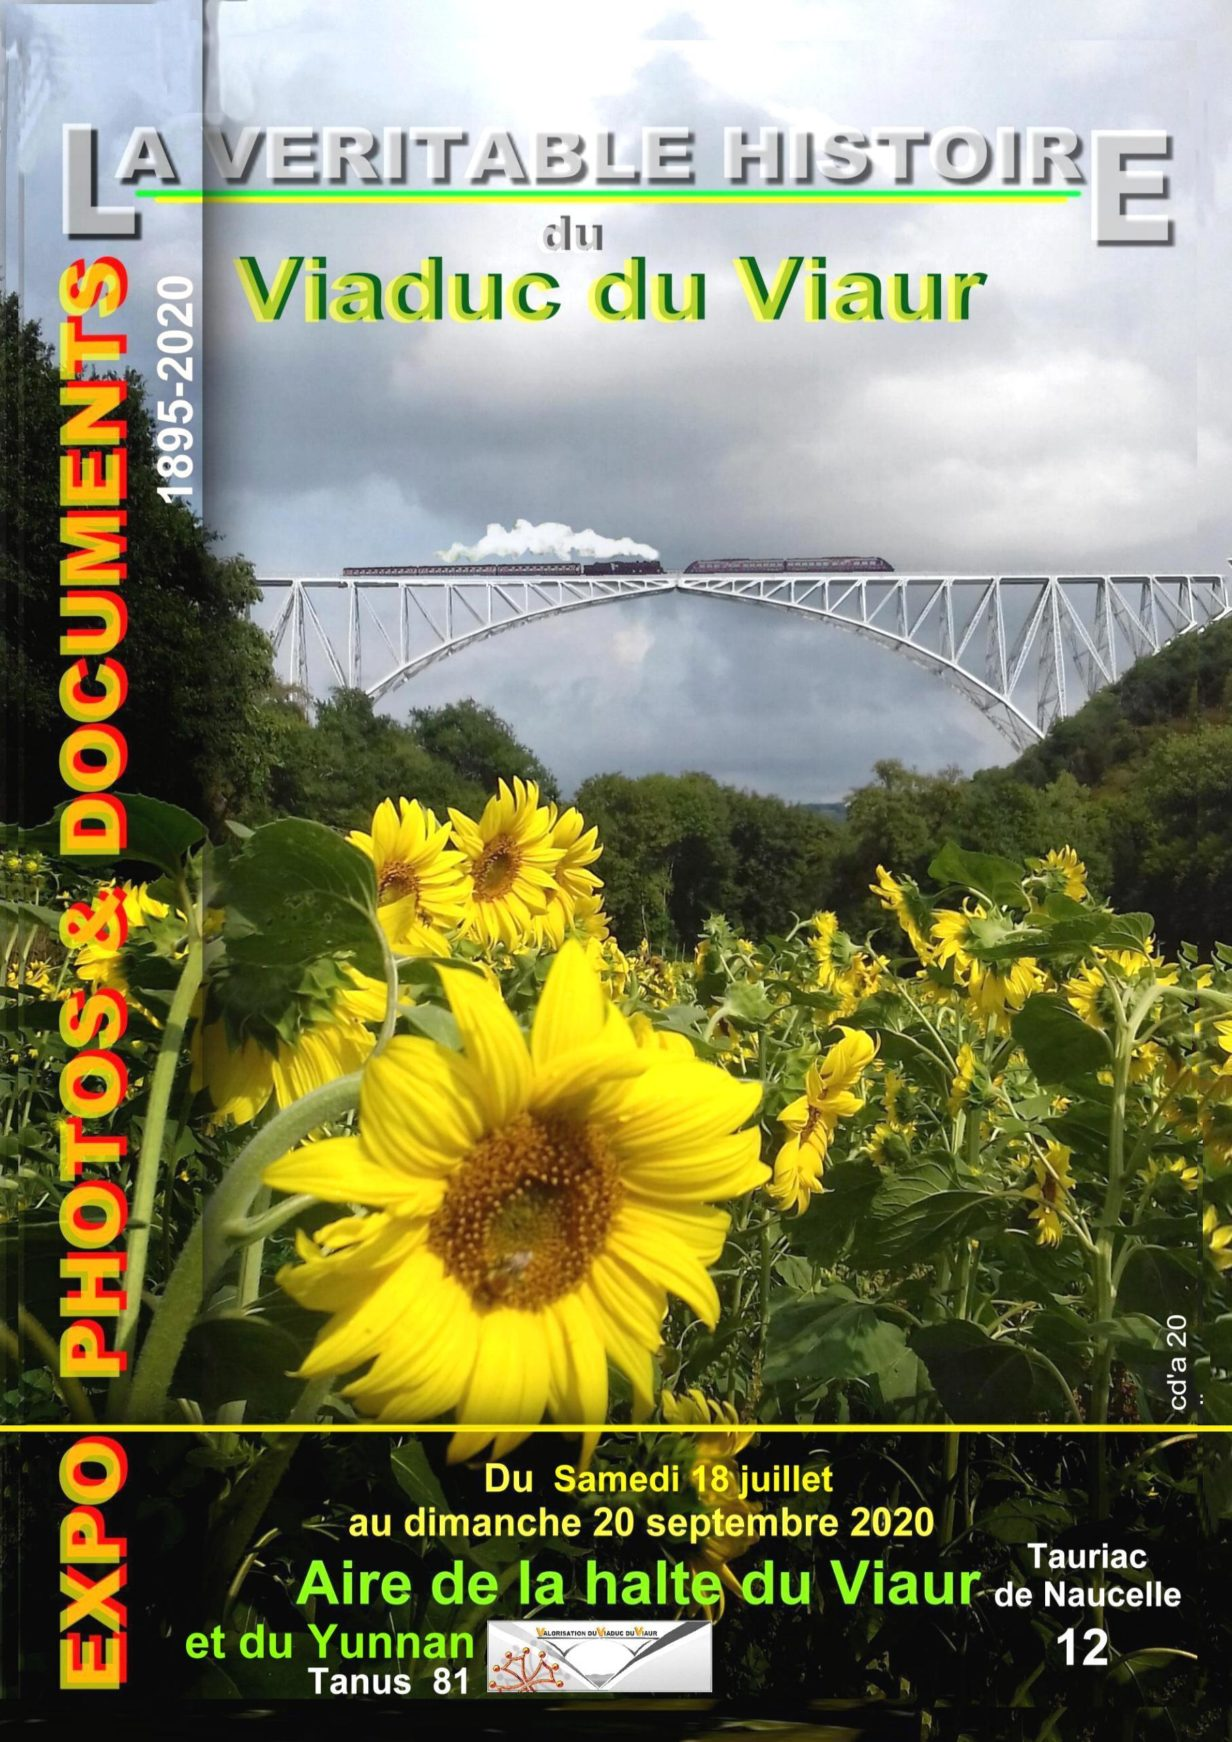 Affiche annonçant l'expo photo documents du samedi 18 juillet au dimanche 20 septembre 2020 dont le théme est : la véritable histoire du Viaduc du Viaur